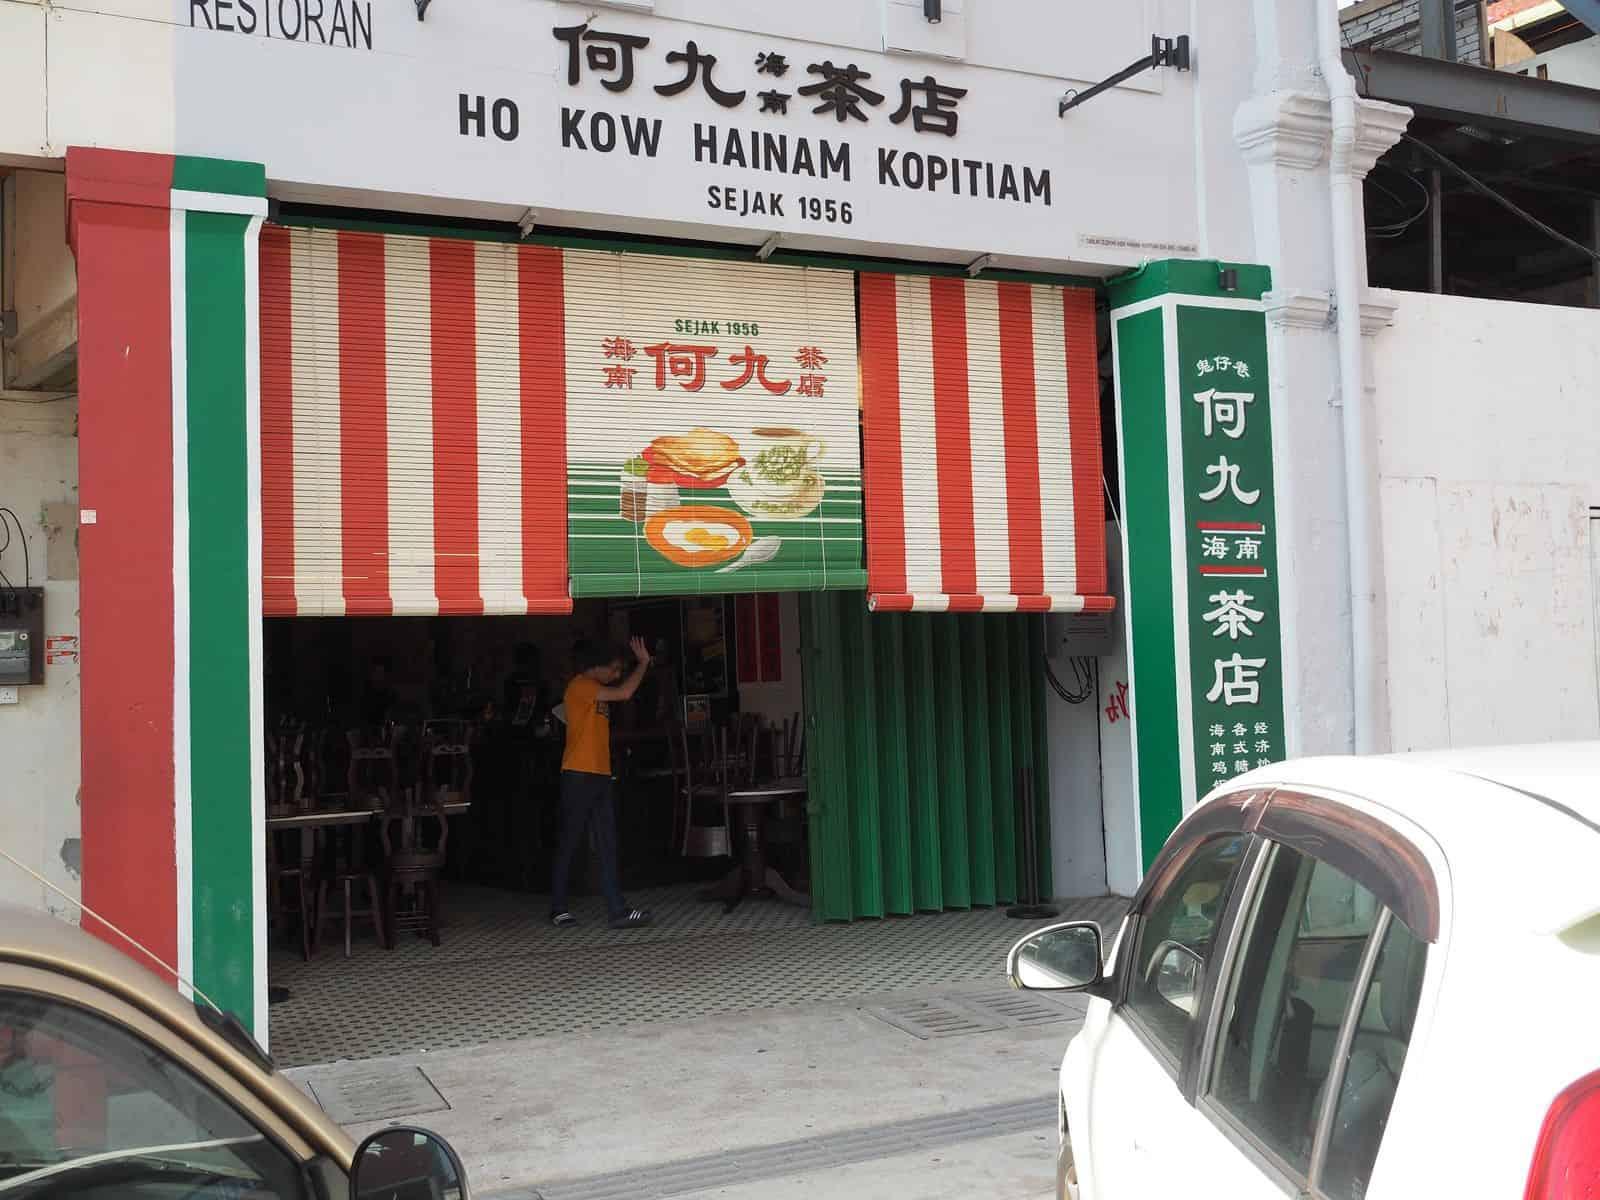 best-Malaysian-foods-to-try-in-Kuala-Lumpur-Chinatown-Ho-Kow-Hainam-Kopitiam-Travel-Mermaid 05